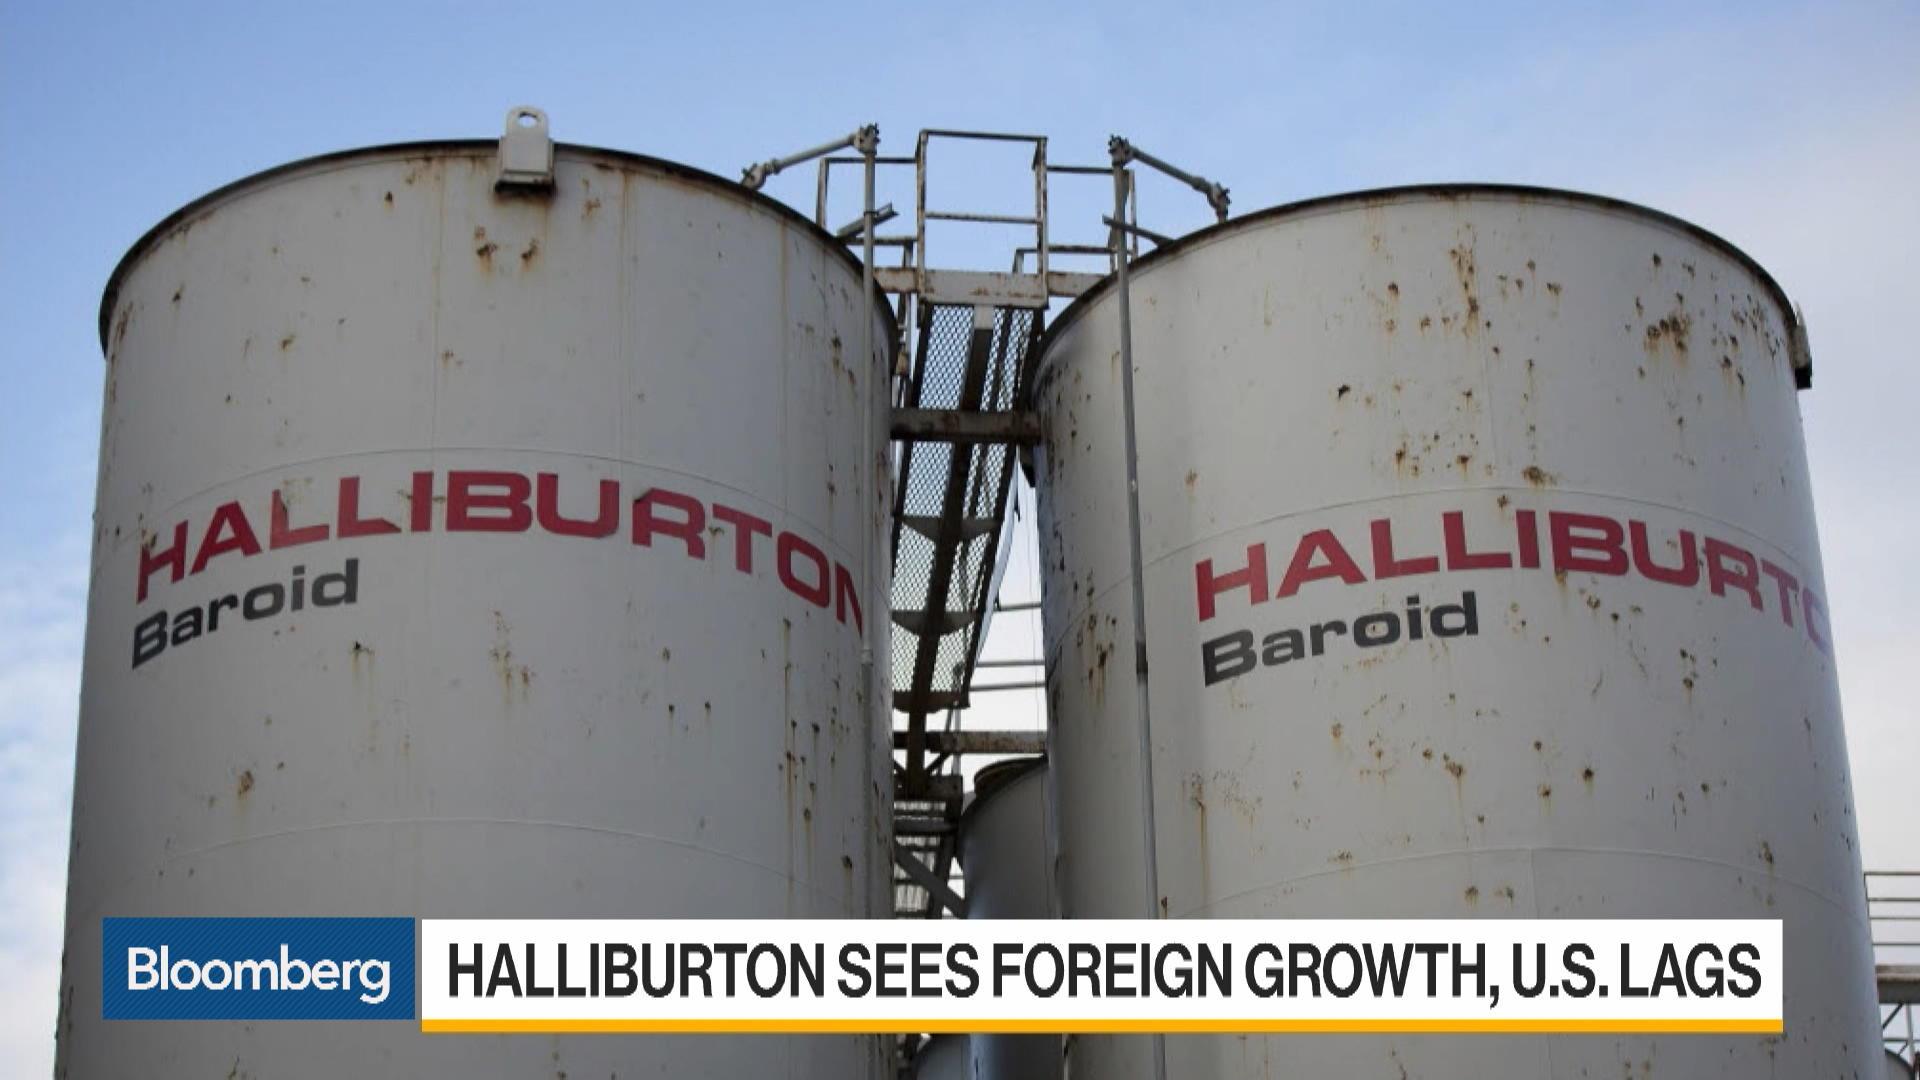 HAL:New York Stock Quote - Halliburton Co - Bloomberg Markets